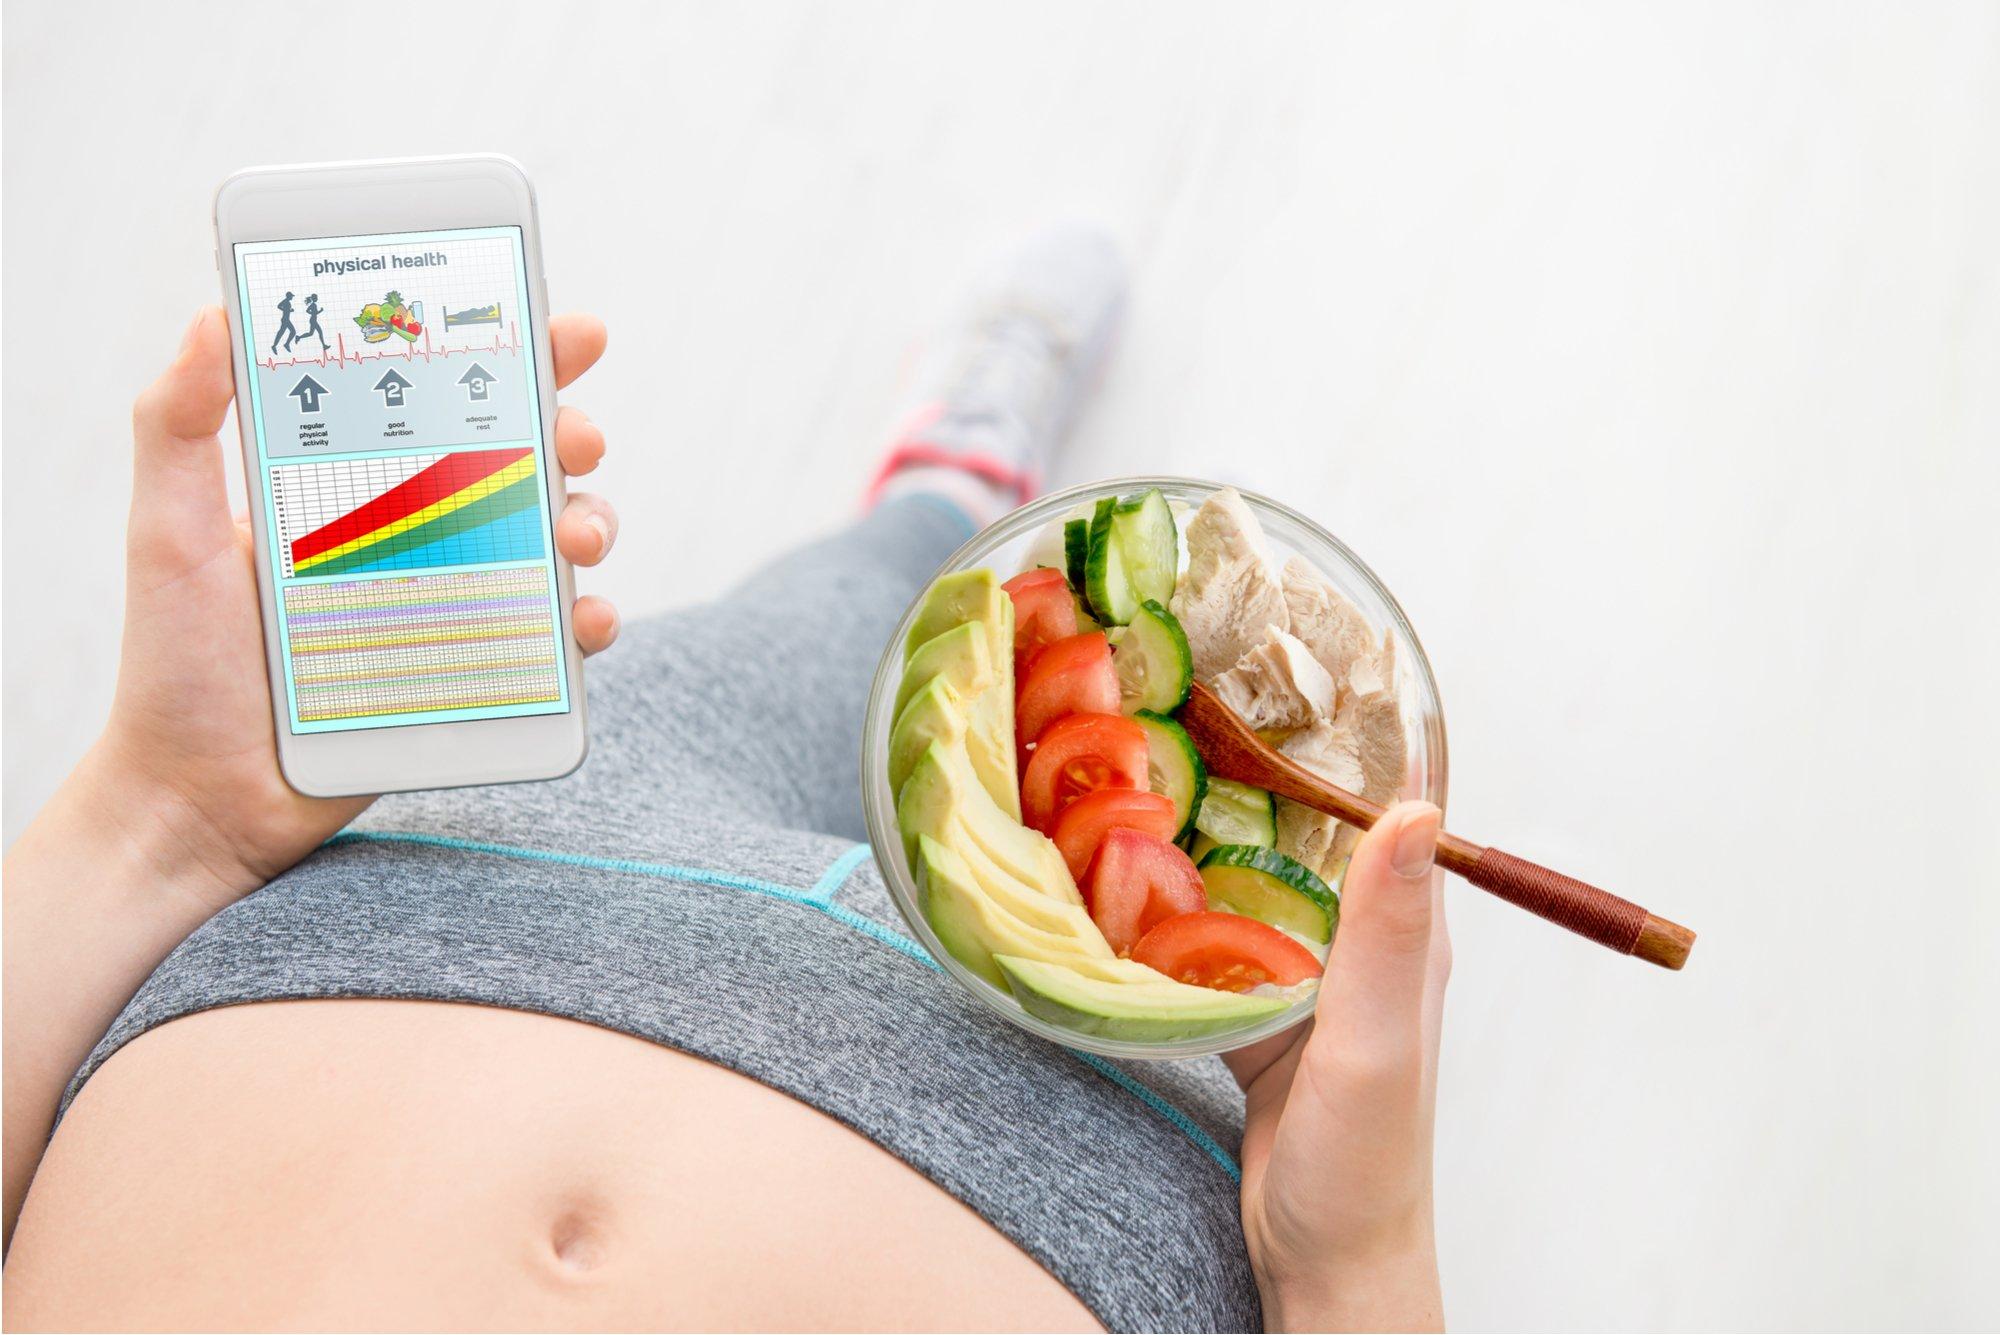 Подсчет Калорий И Как Похудеть. Таблица подсчета калорий для похудения и диет